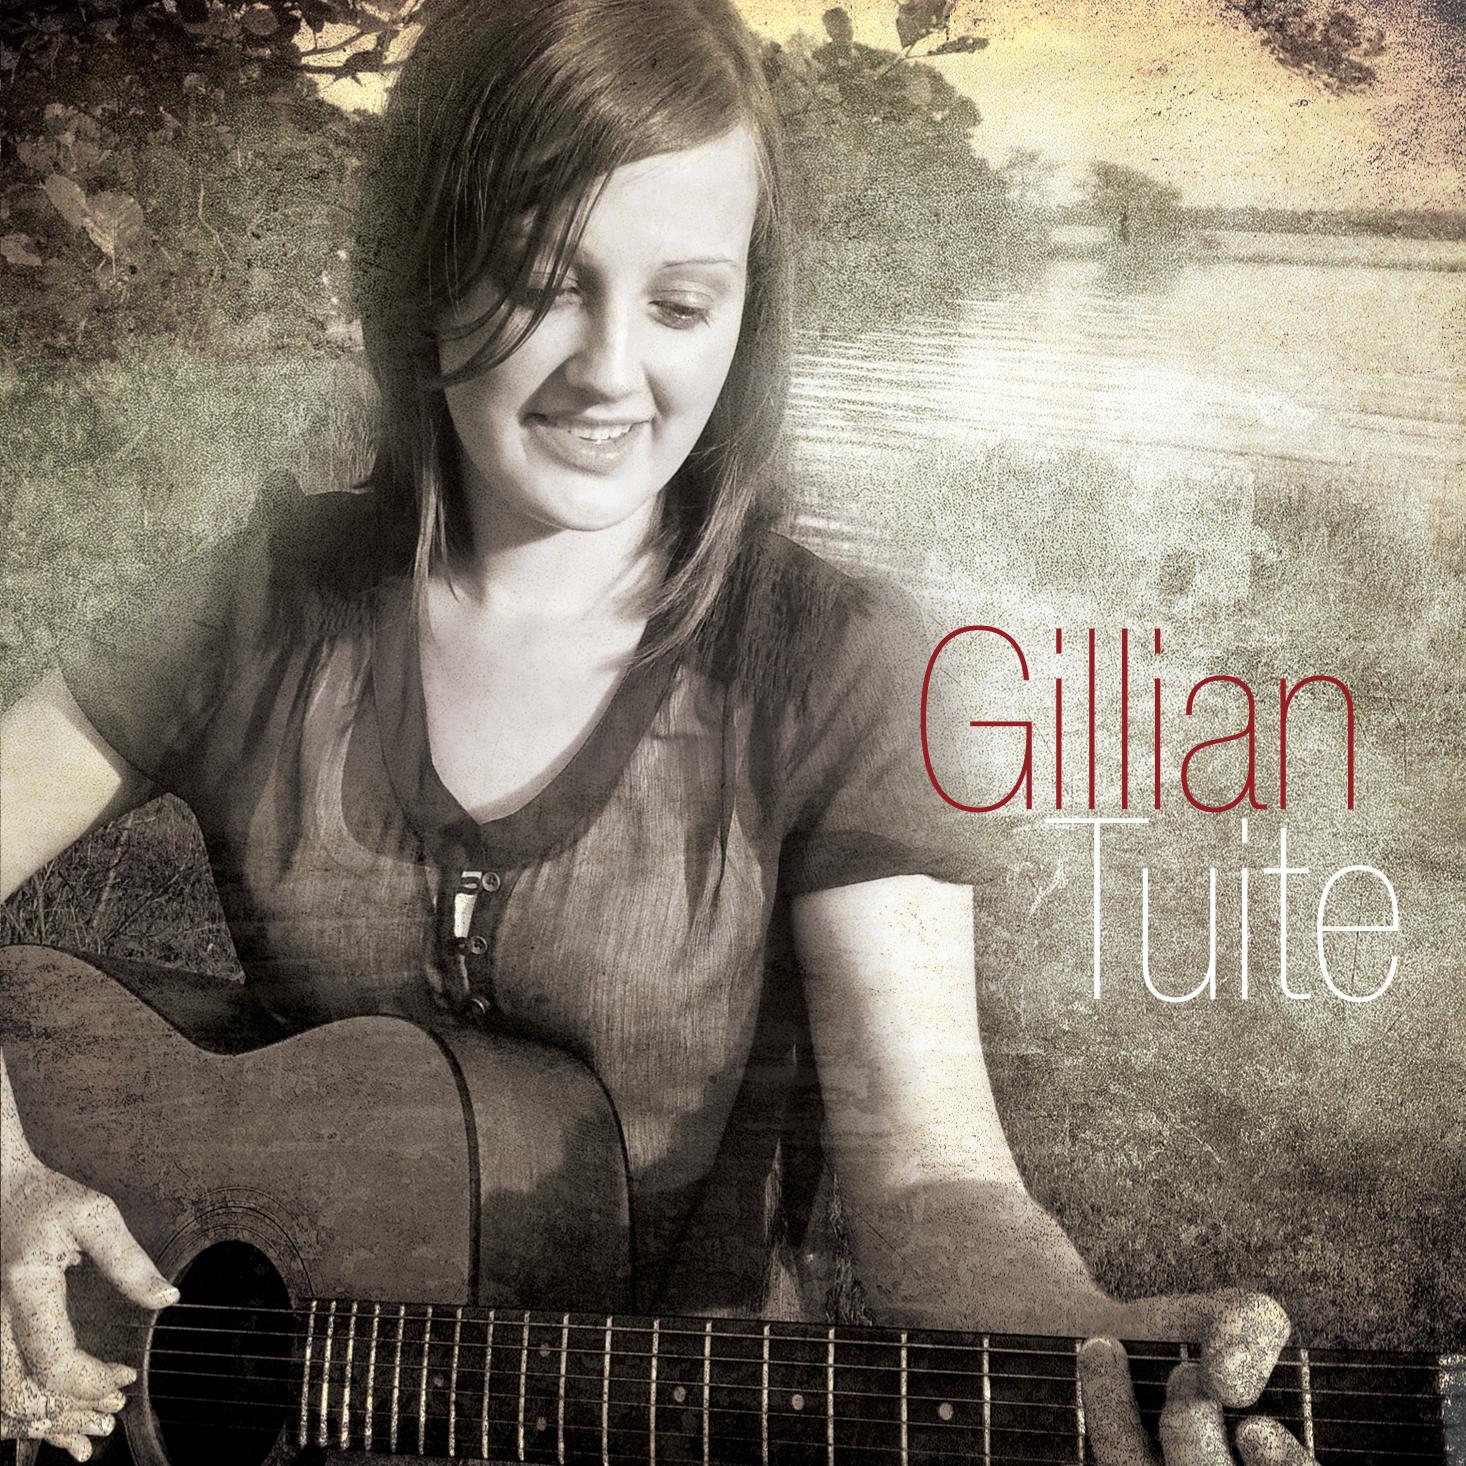 Gillian_Tuite_CD_Cover_1466x1466.jpg